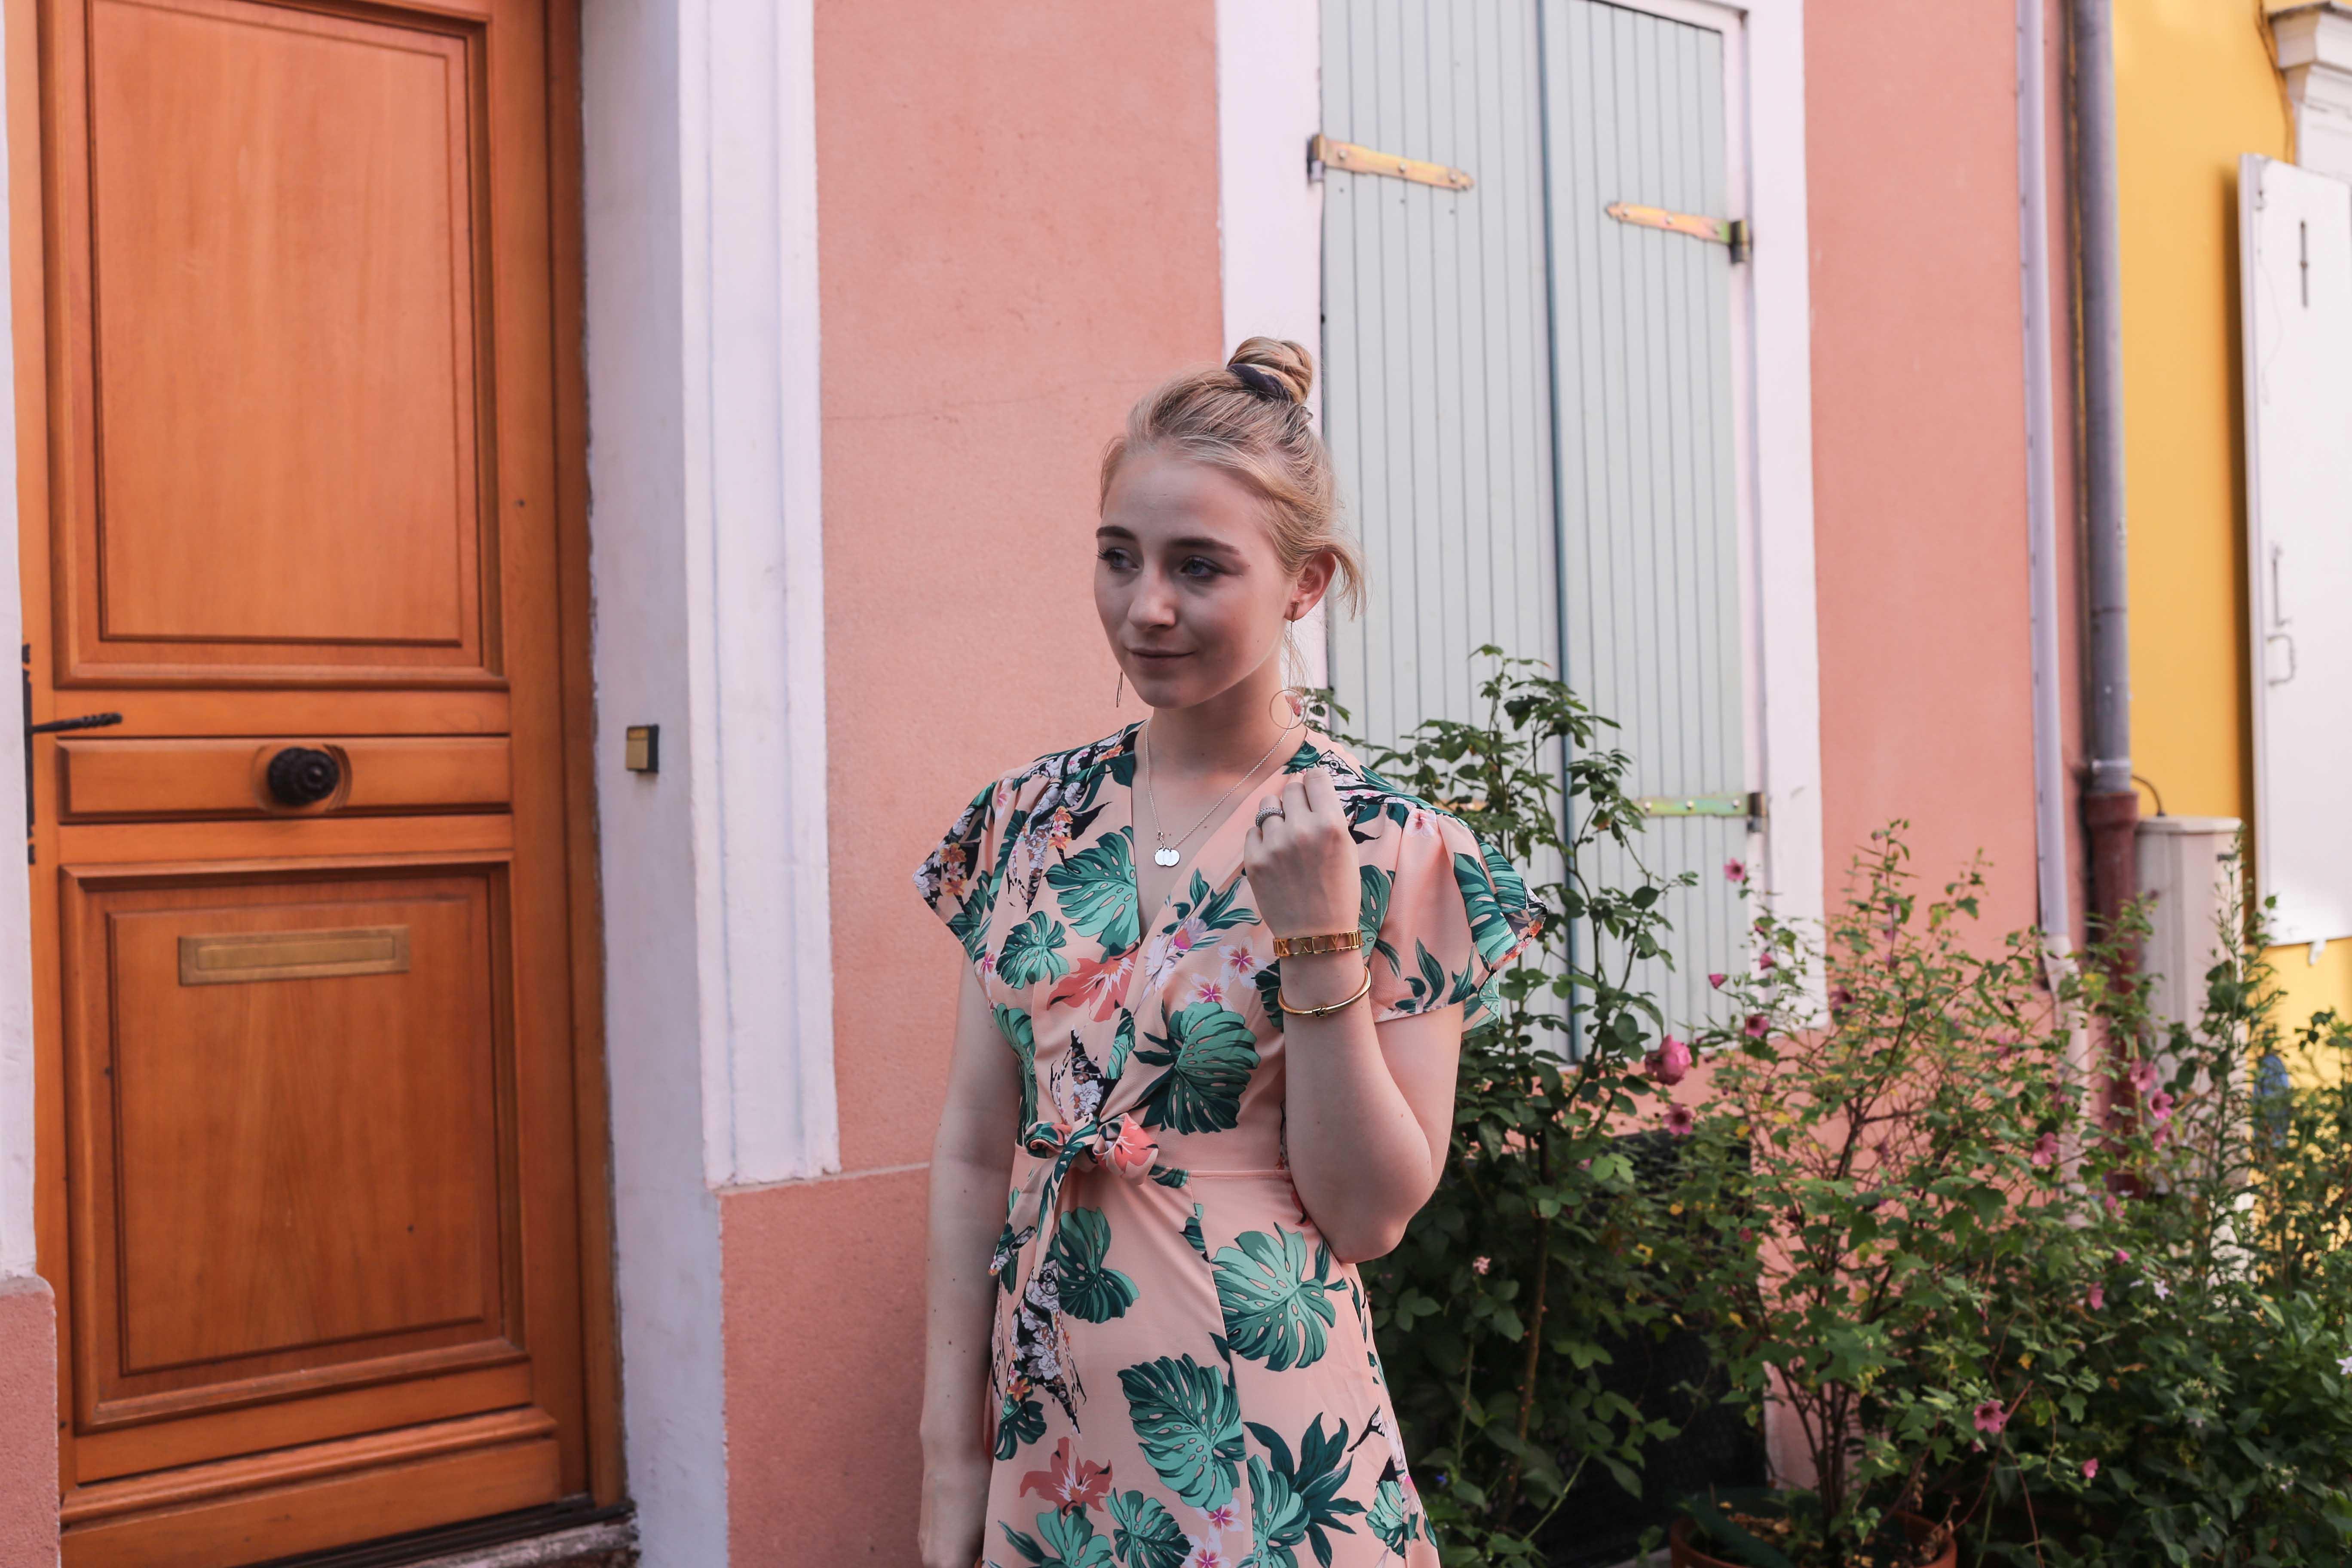 apricot-maxikleid-mules-sommer-paris-outfit-fashionblog-modeblog_1044